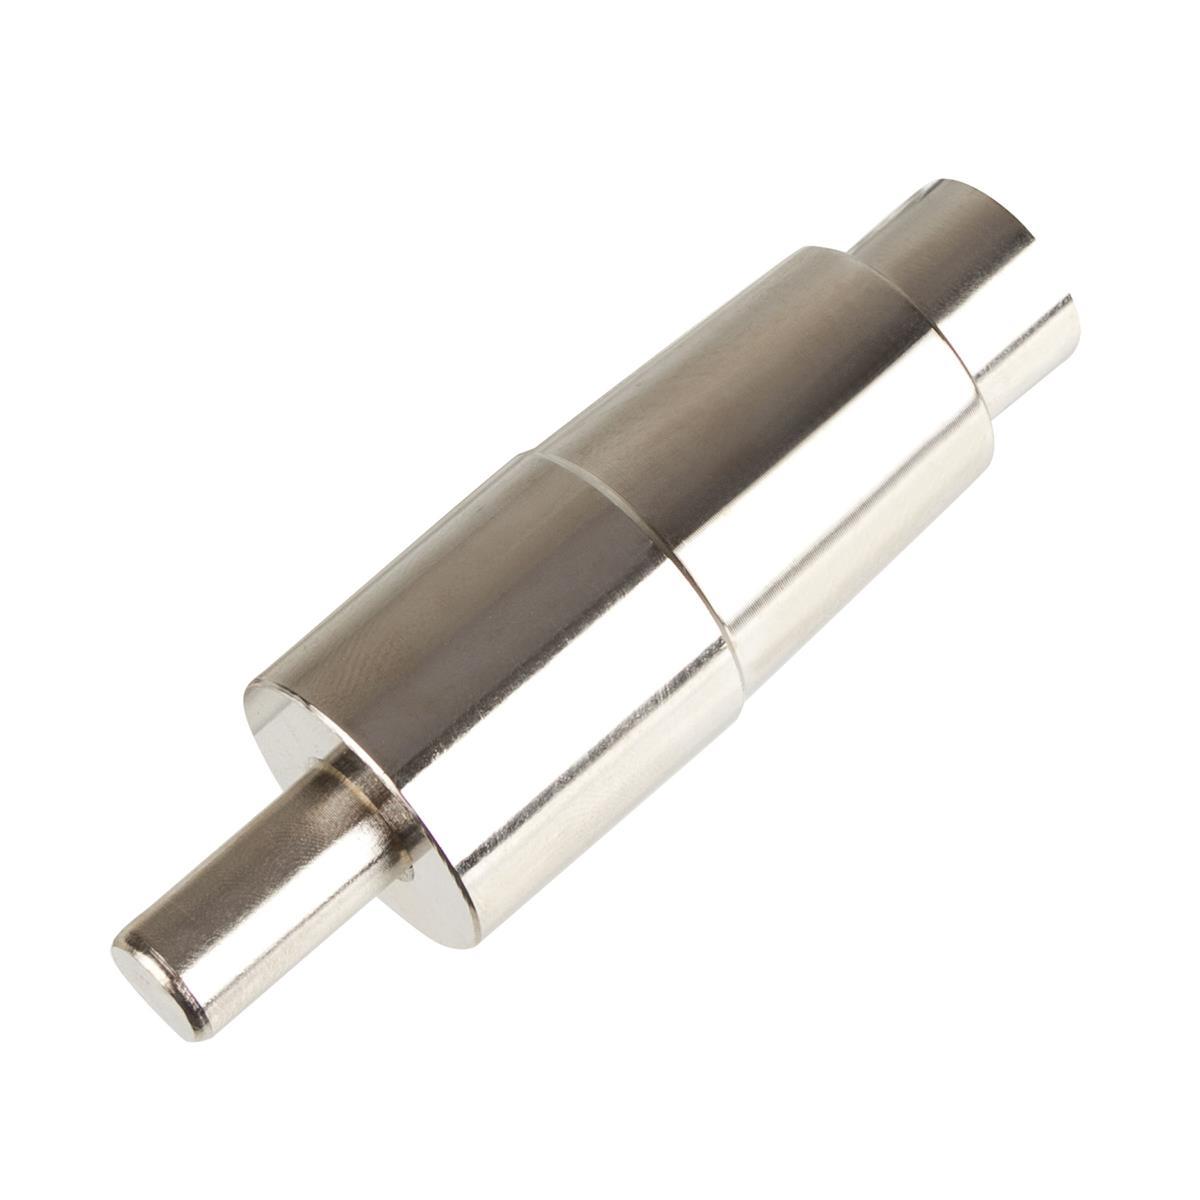 r.s.p. Press Tool für DU Buchsen  14,9 mm